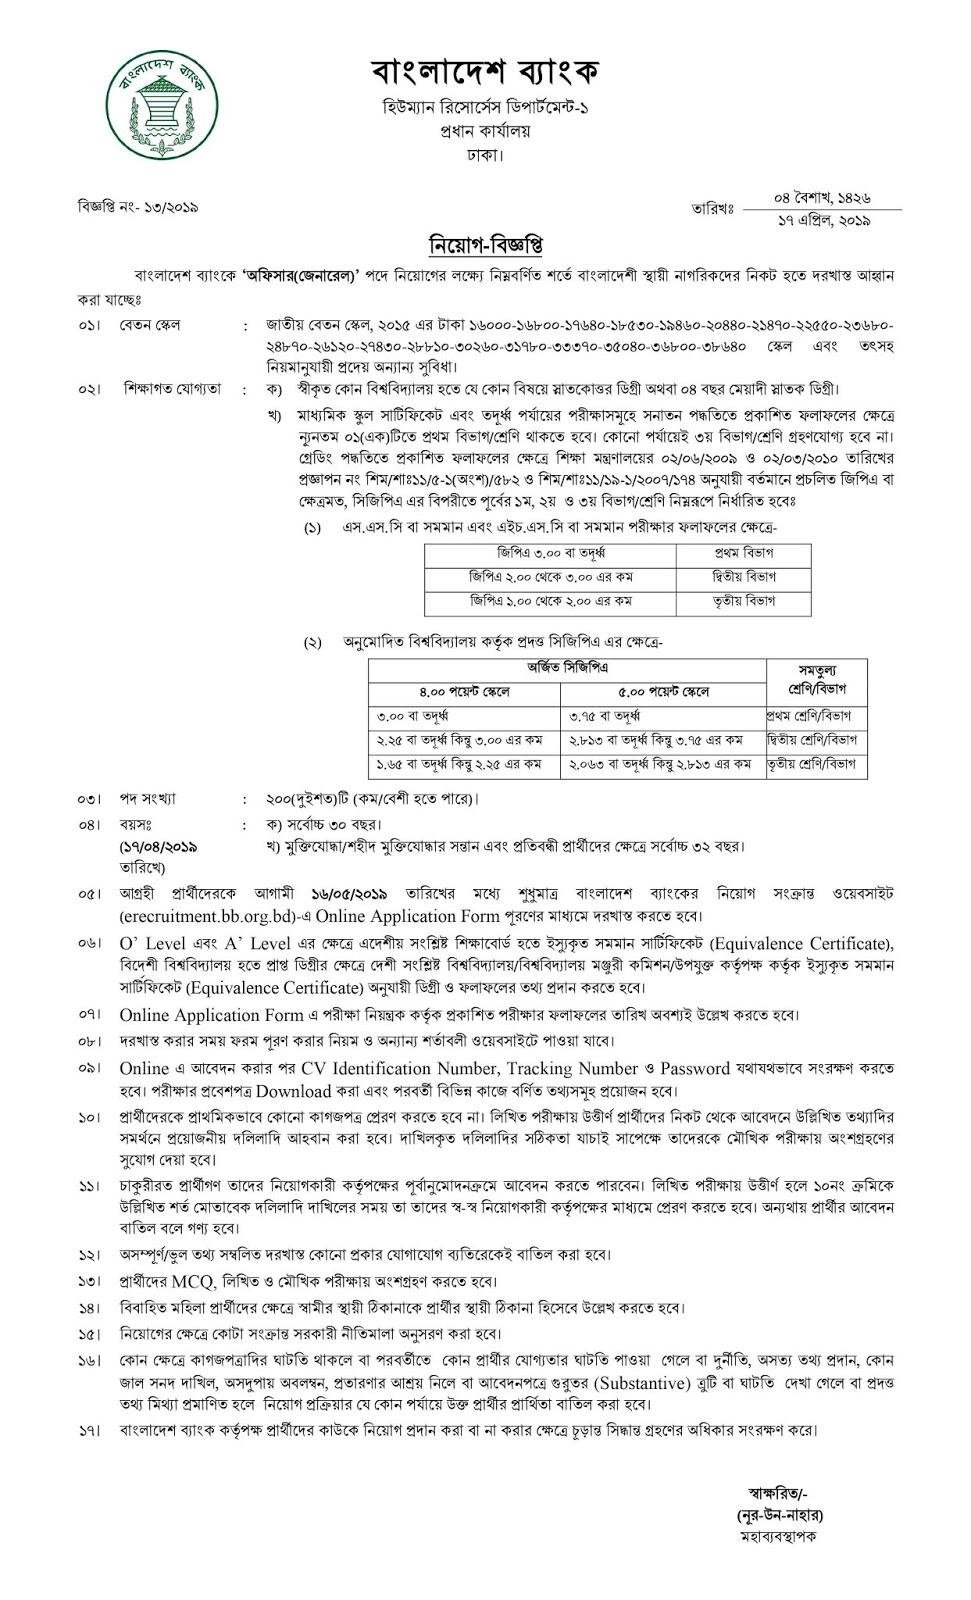 Bangladesh Bank (BB) Officer (General)  Job Circular 2019